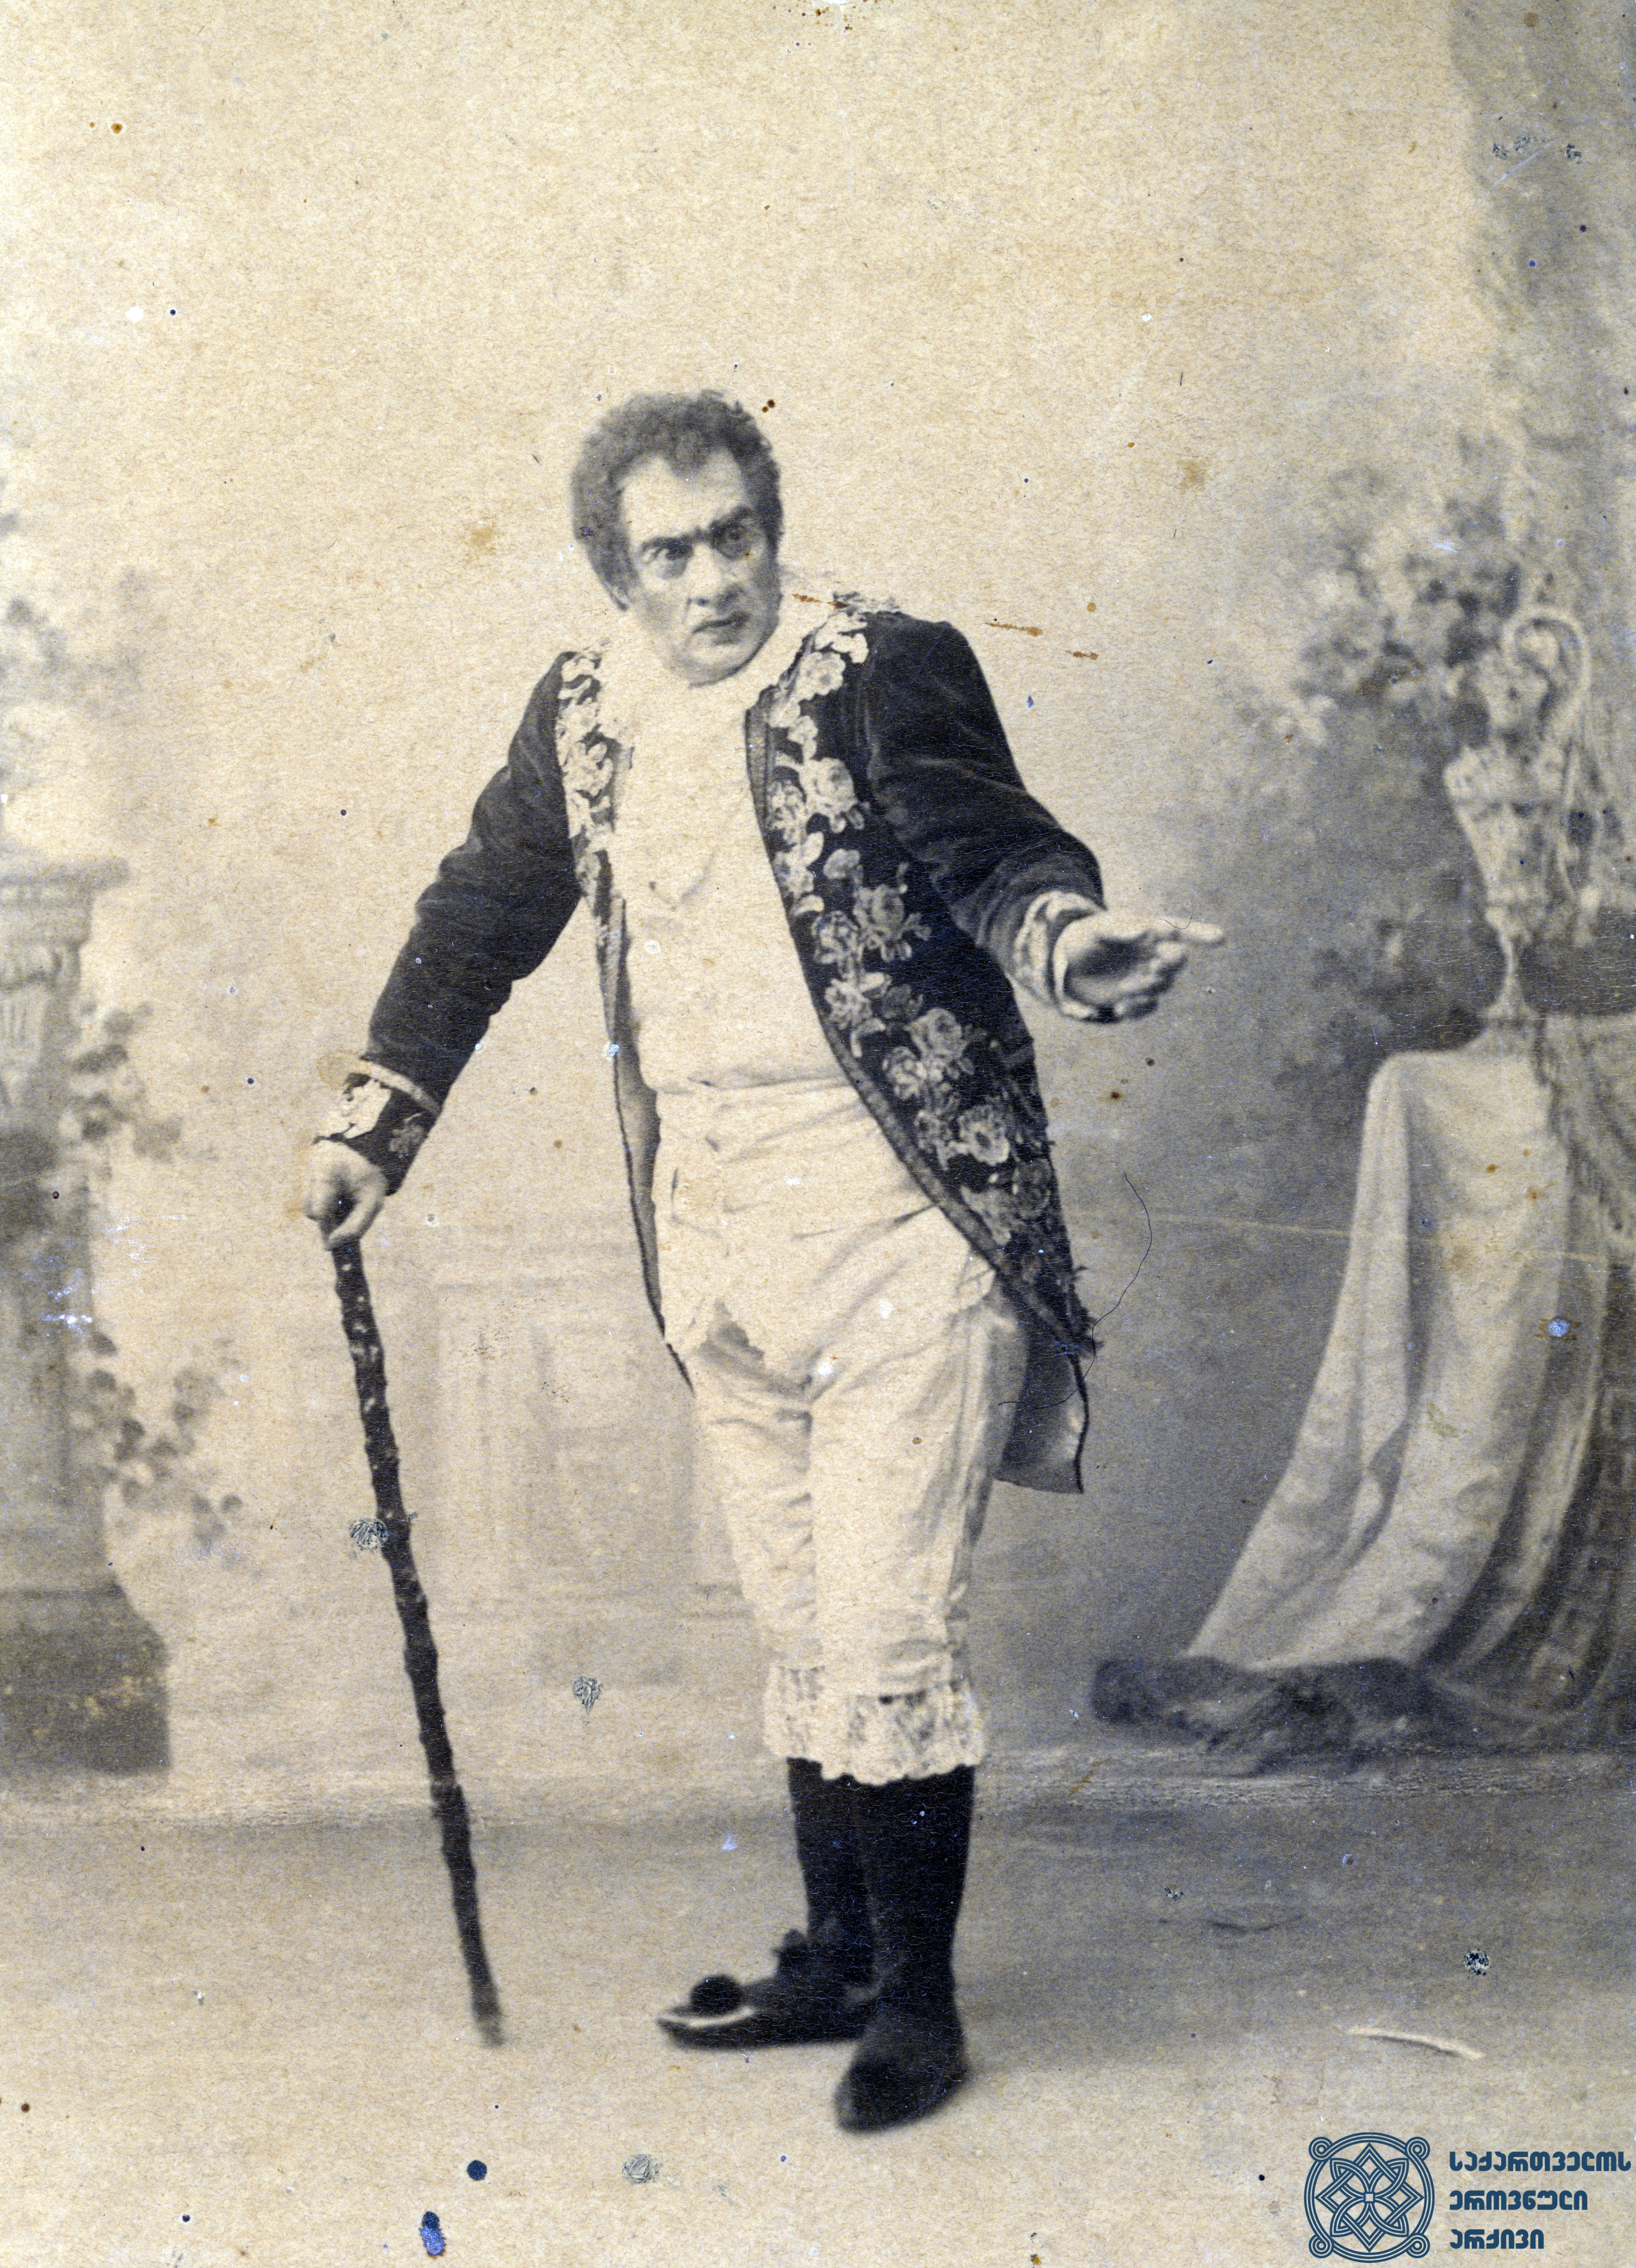 """სპექტაკლი """"ყაჩაღები"""". მსახიობი ლადო მესხიშვილი როლში.  <br> აბრამ ნორდშტეინის ფოტო, 1890-1896 წლები. <br> The performance """"Robbers"""". Actor Lado Meskhishvili in the role. <br> Photo by Abram Nordstein, 1890-1896."""